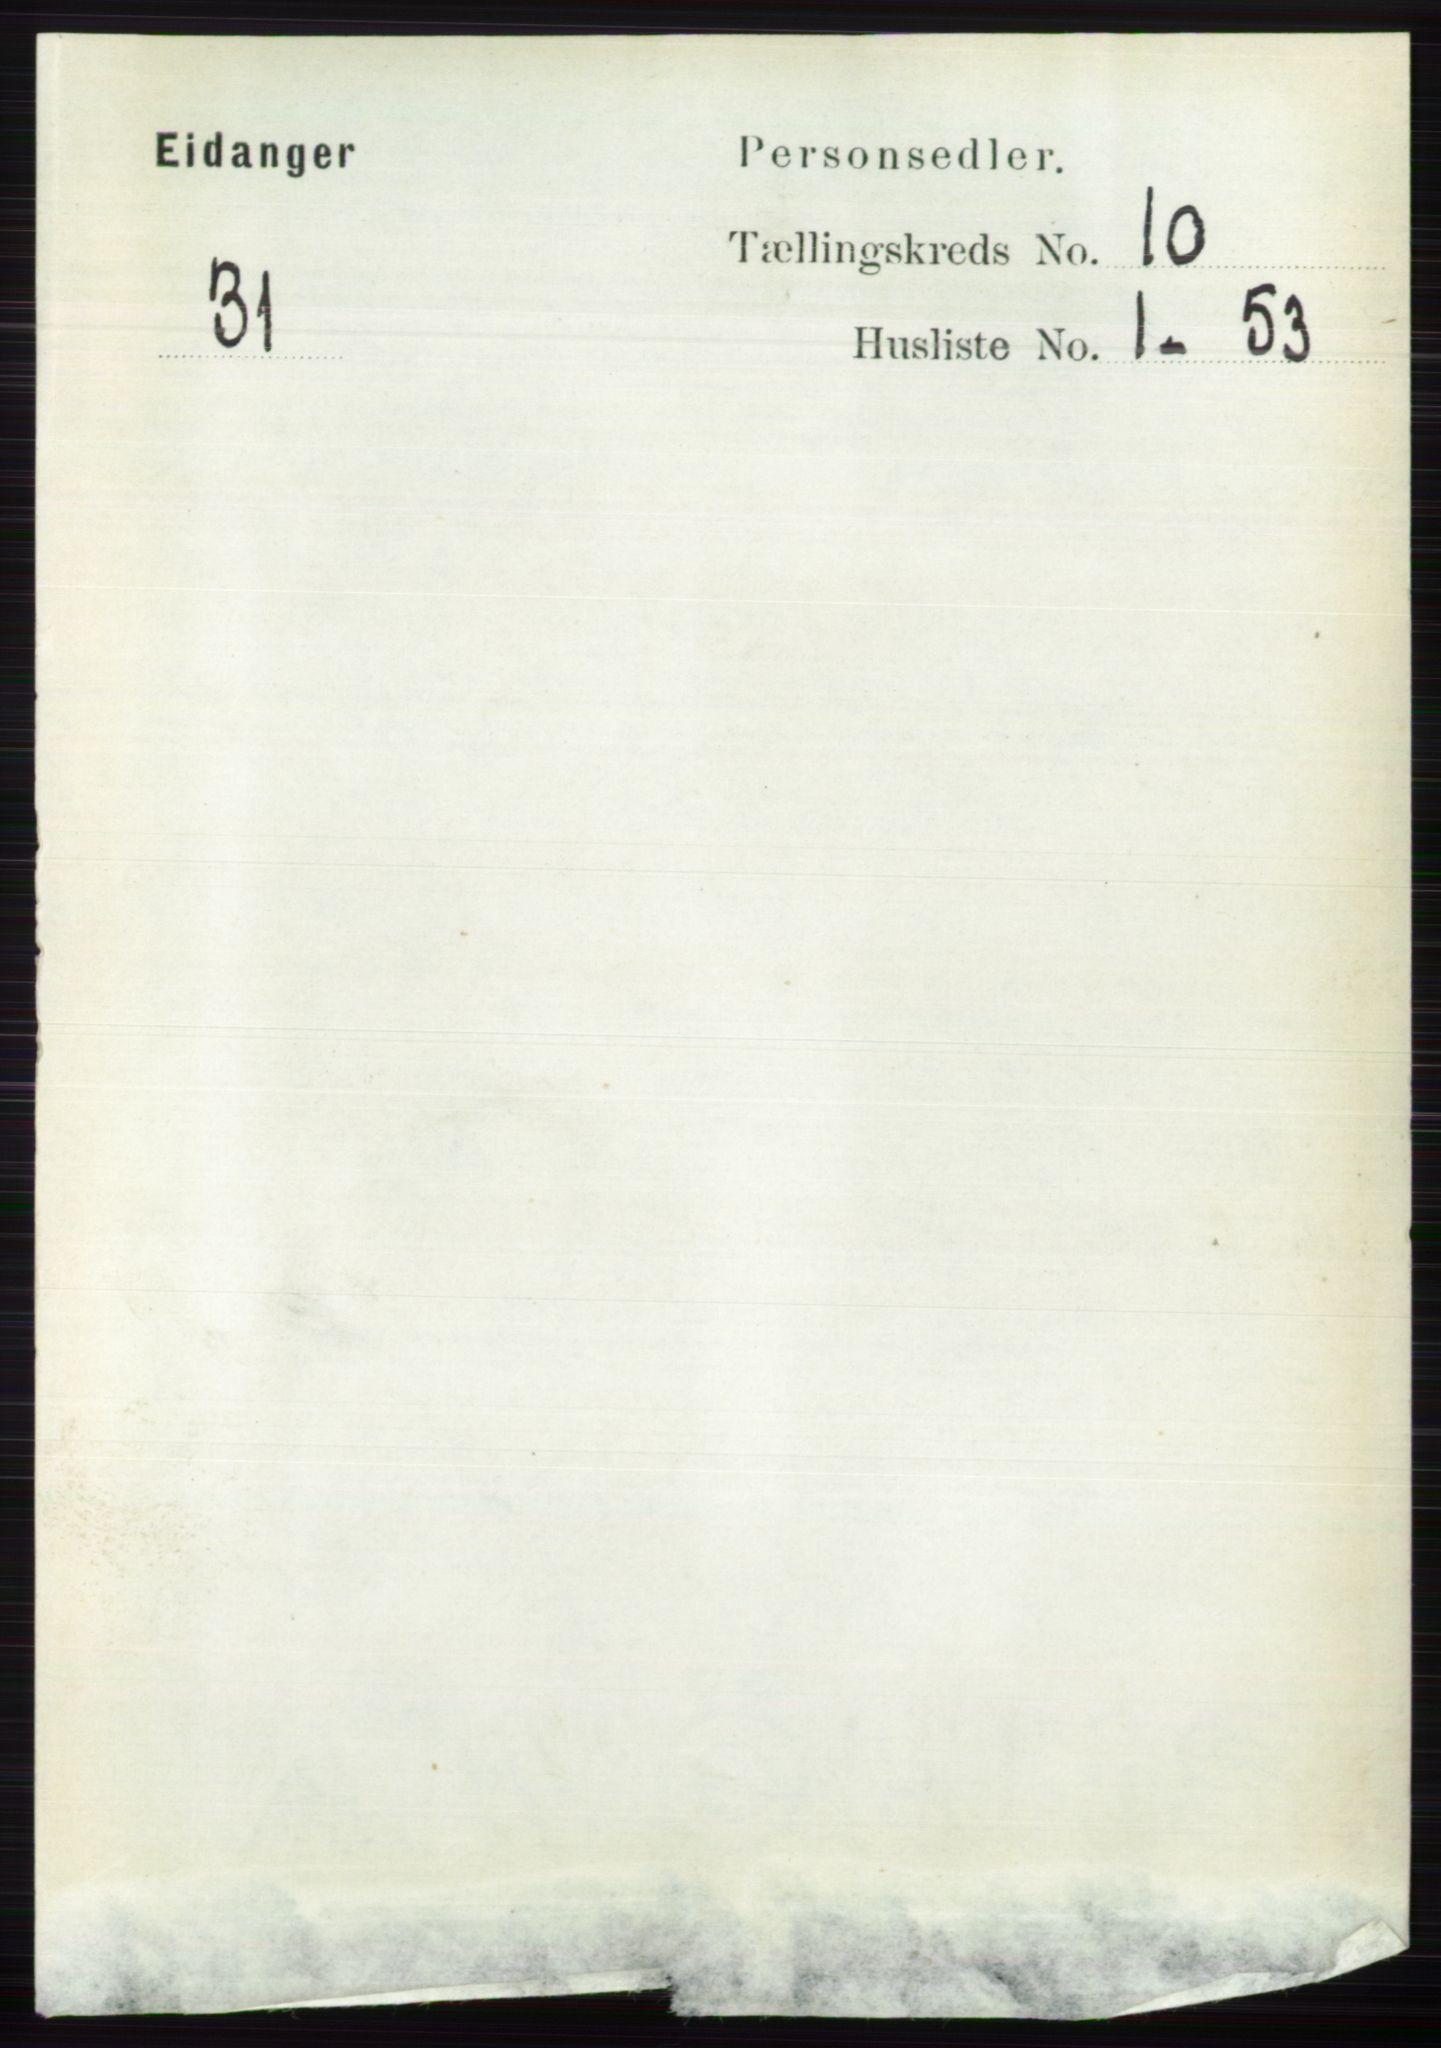 RA, Folketelling 1891 for 0813 Eidanger herred, 1891, s. 3934